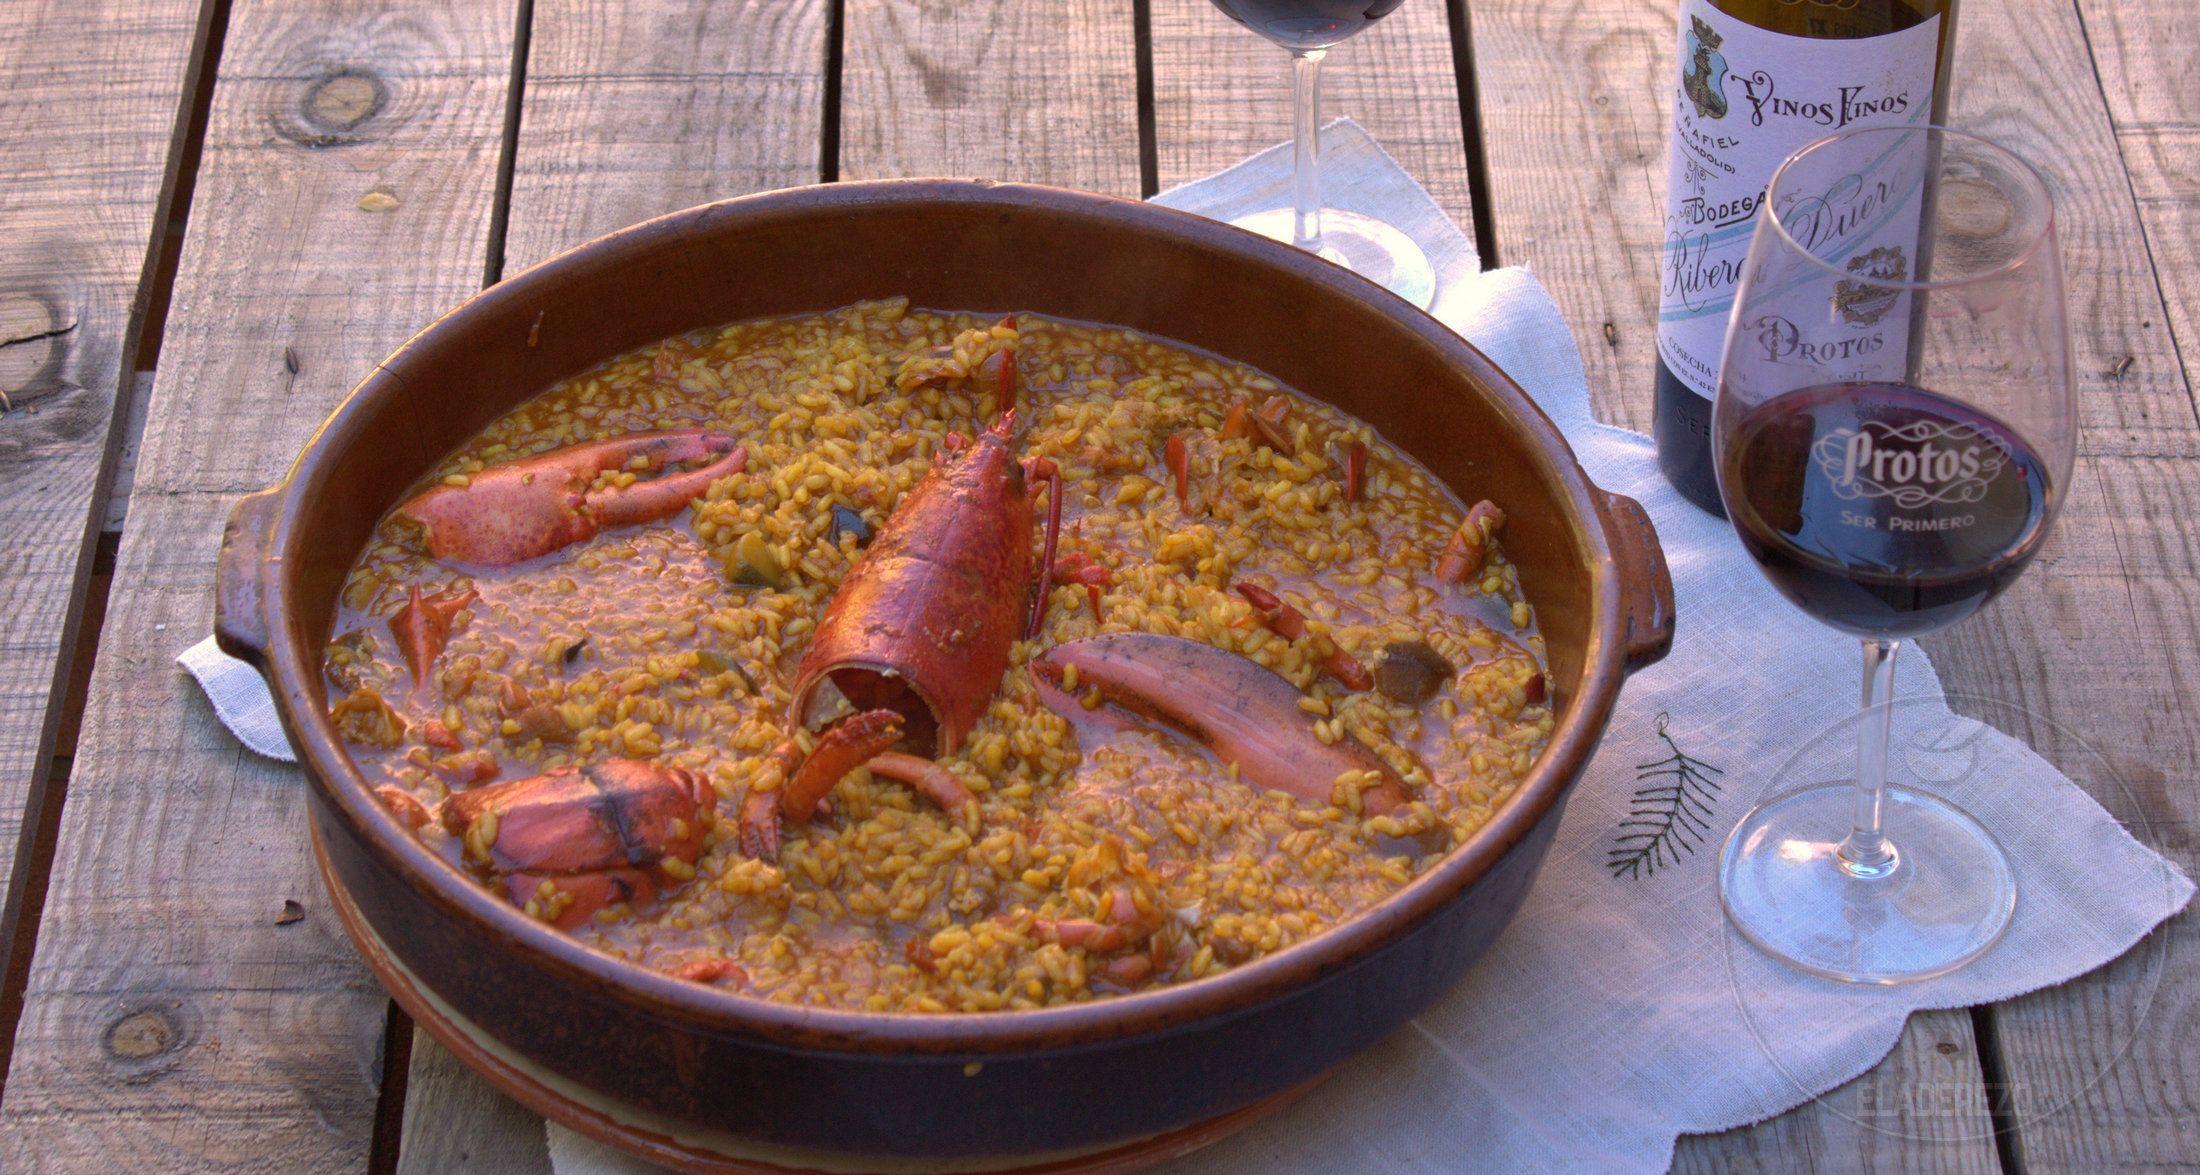 Arroz Con Bogavante Nuestra Receta Preferida Receta Comida étnica Caldo De Pescado Recetas De Comida